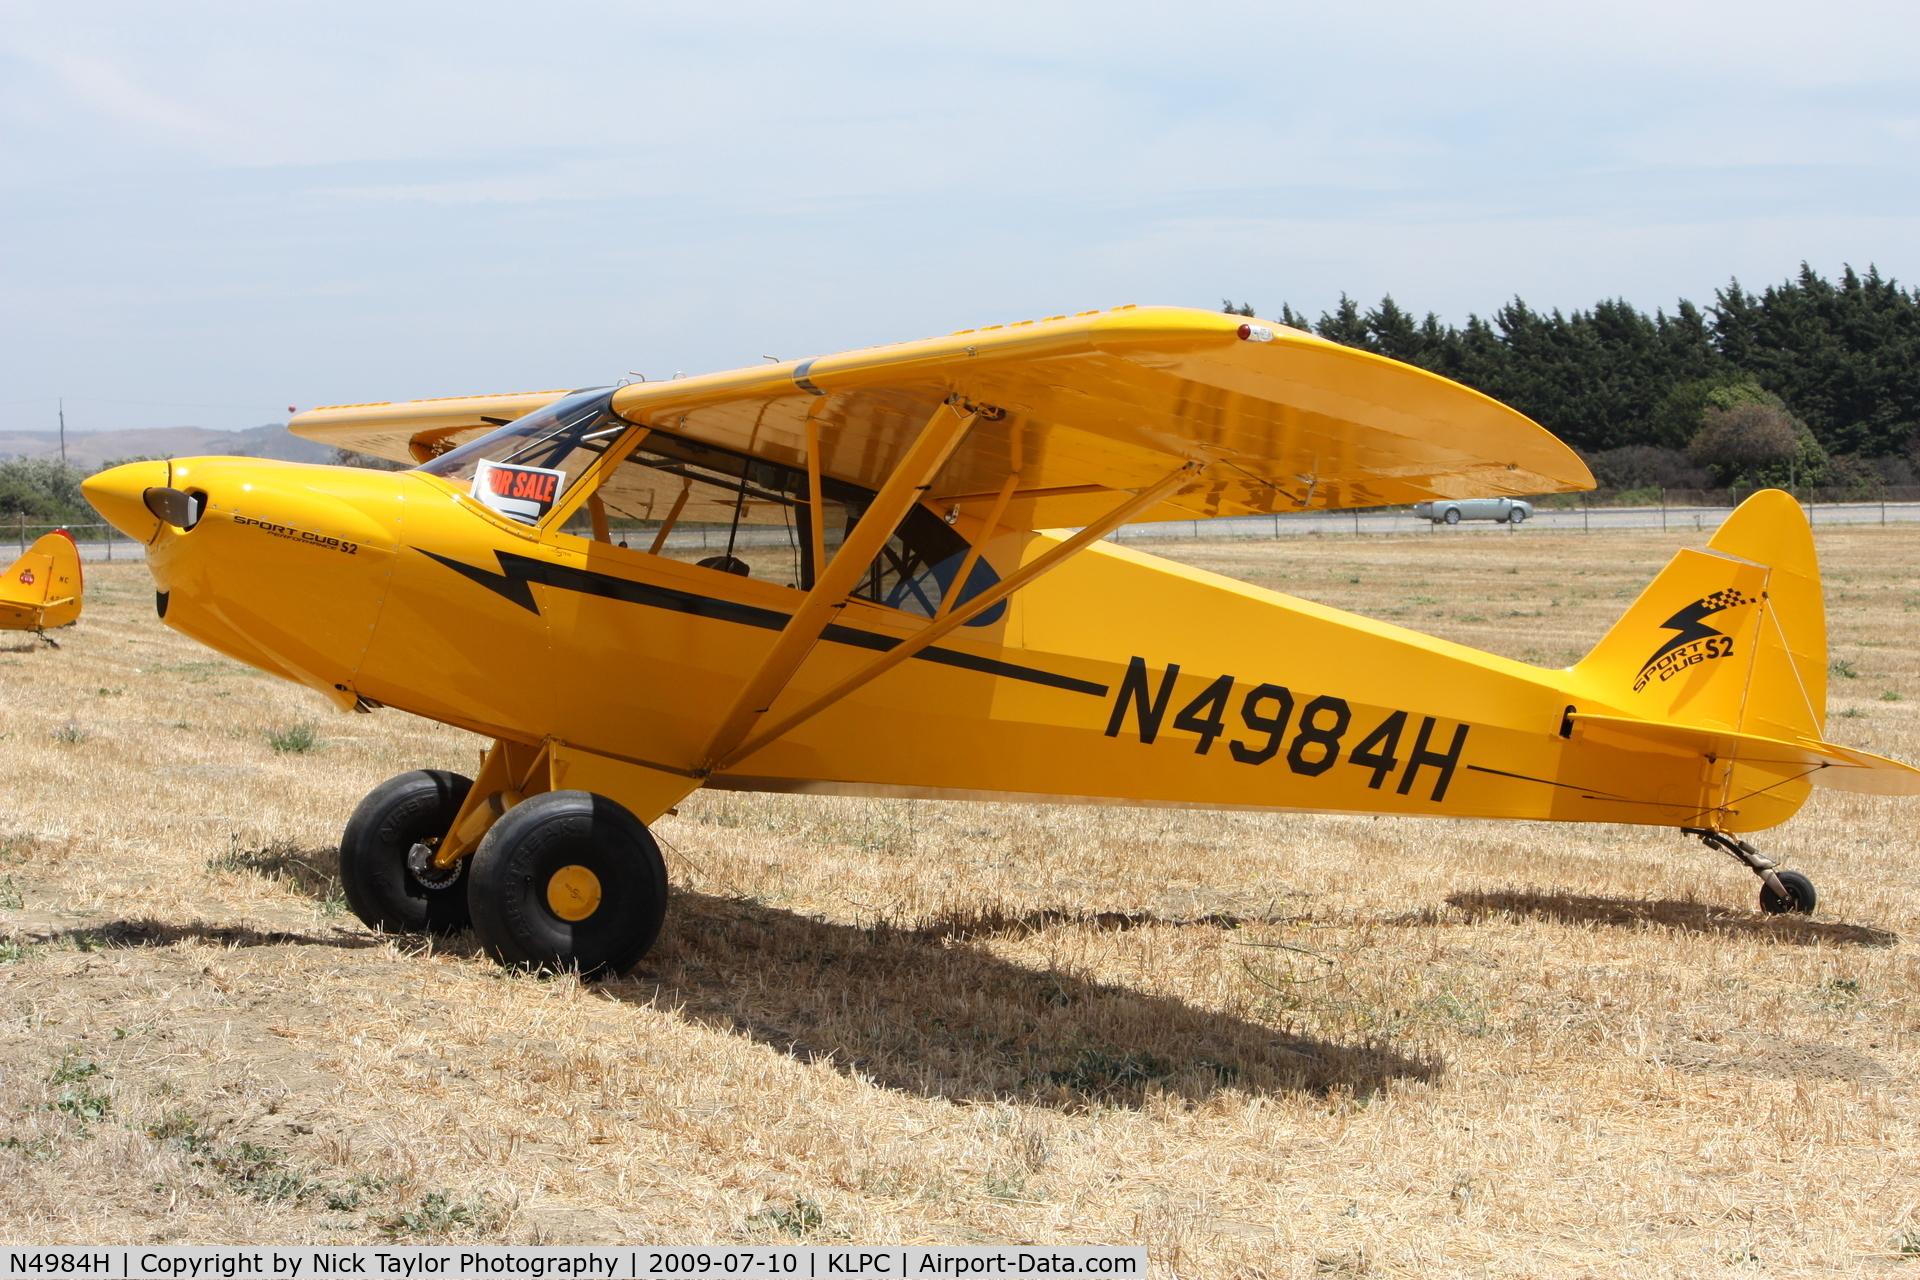 N4984H, 2008 Cub Crafters CC11-100 Sport Cub C/N CC11-00081, Lompoc Piper Cub fly-in 09'